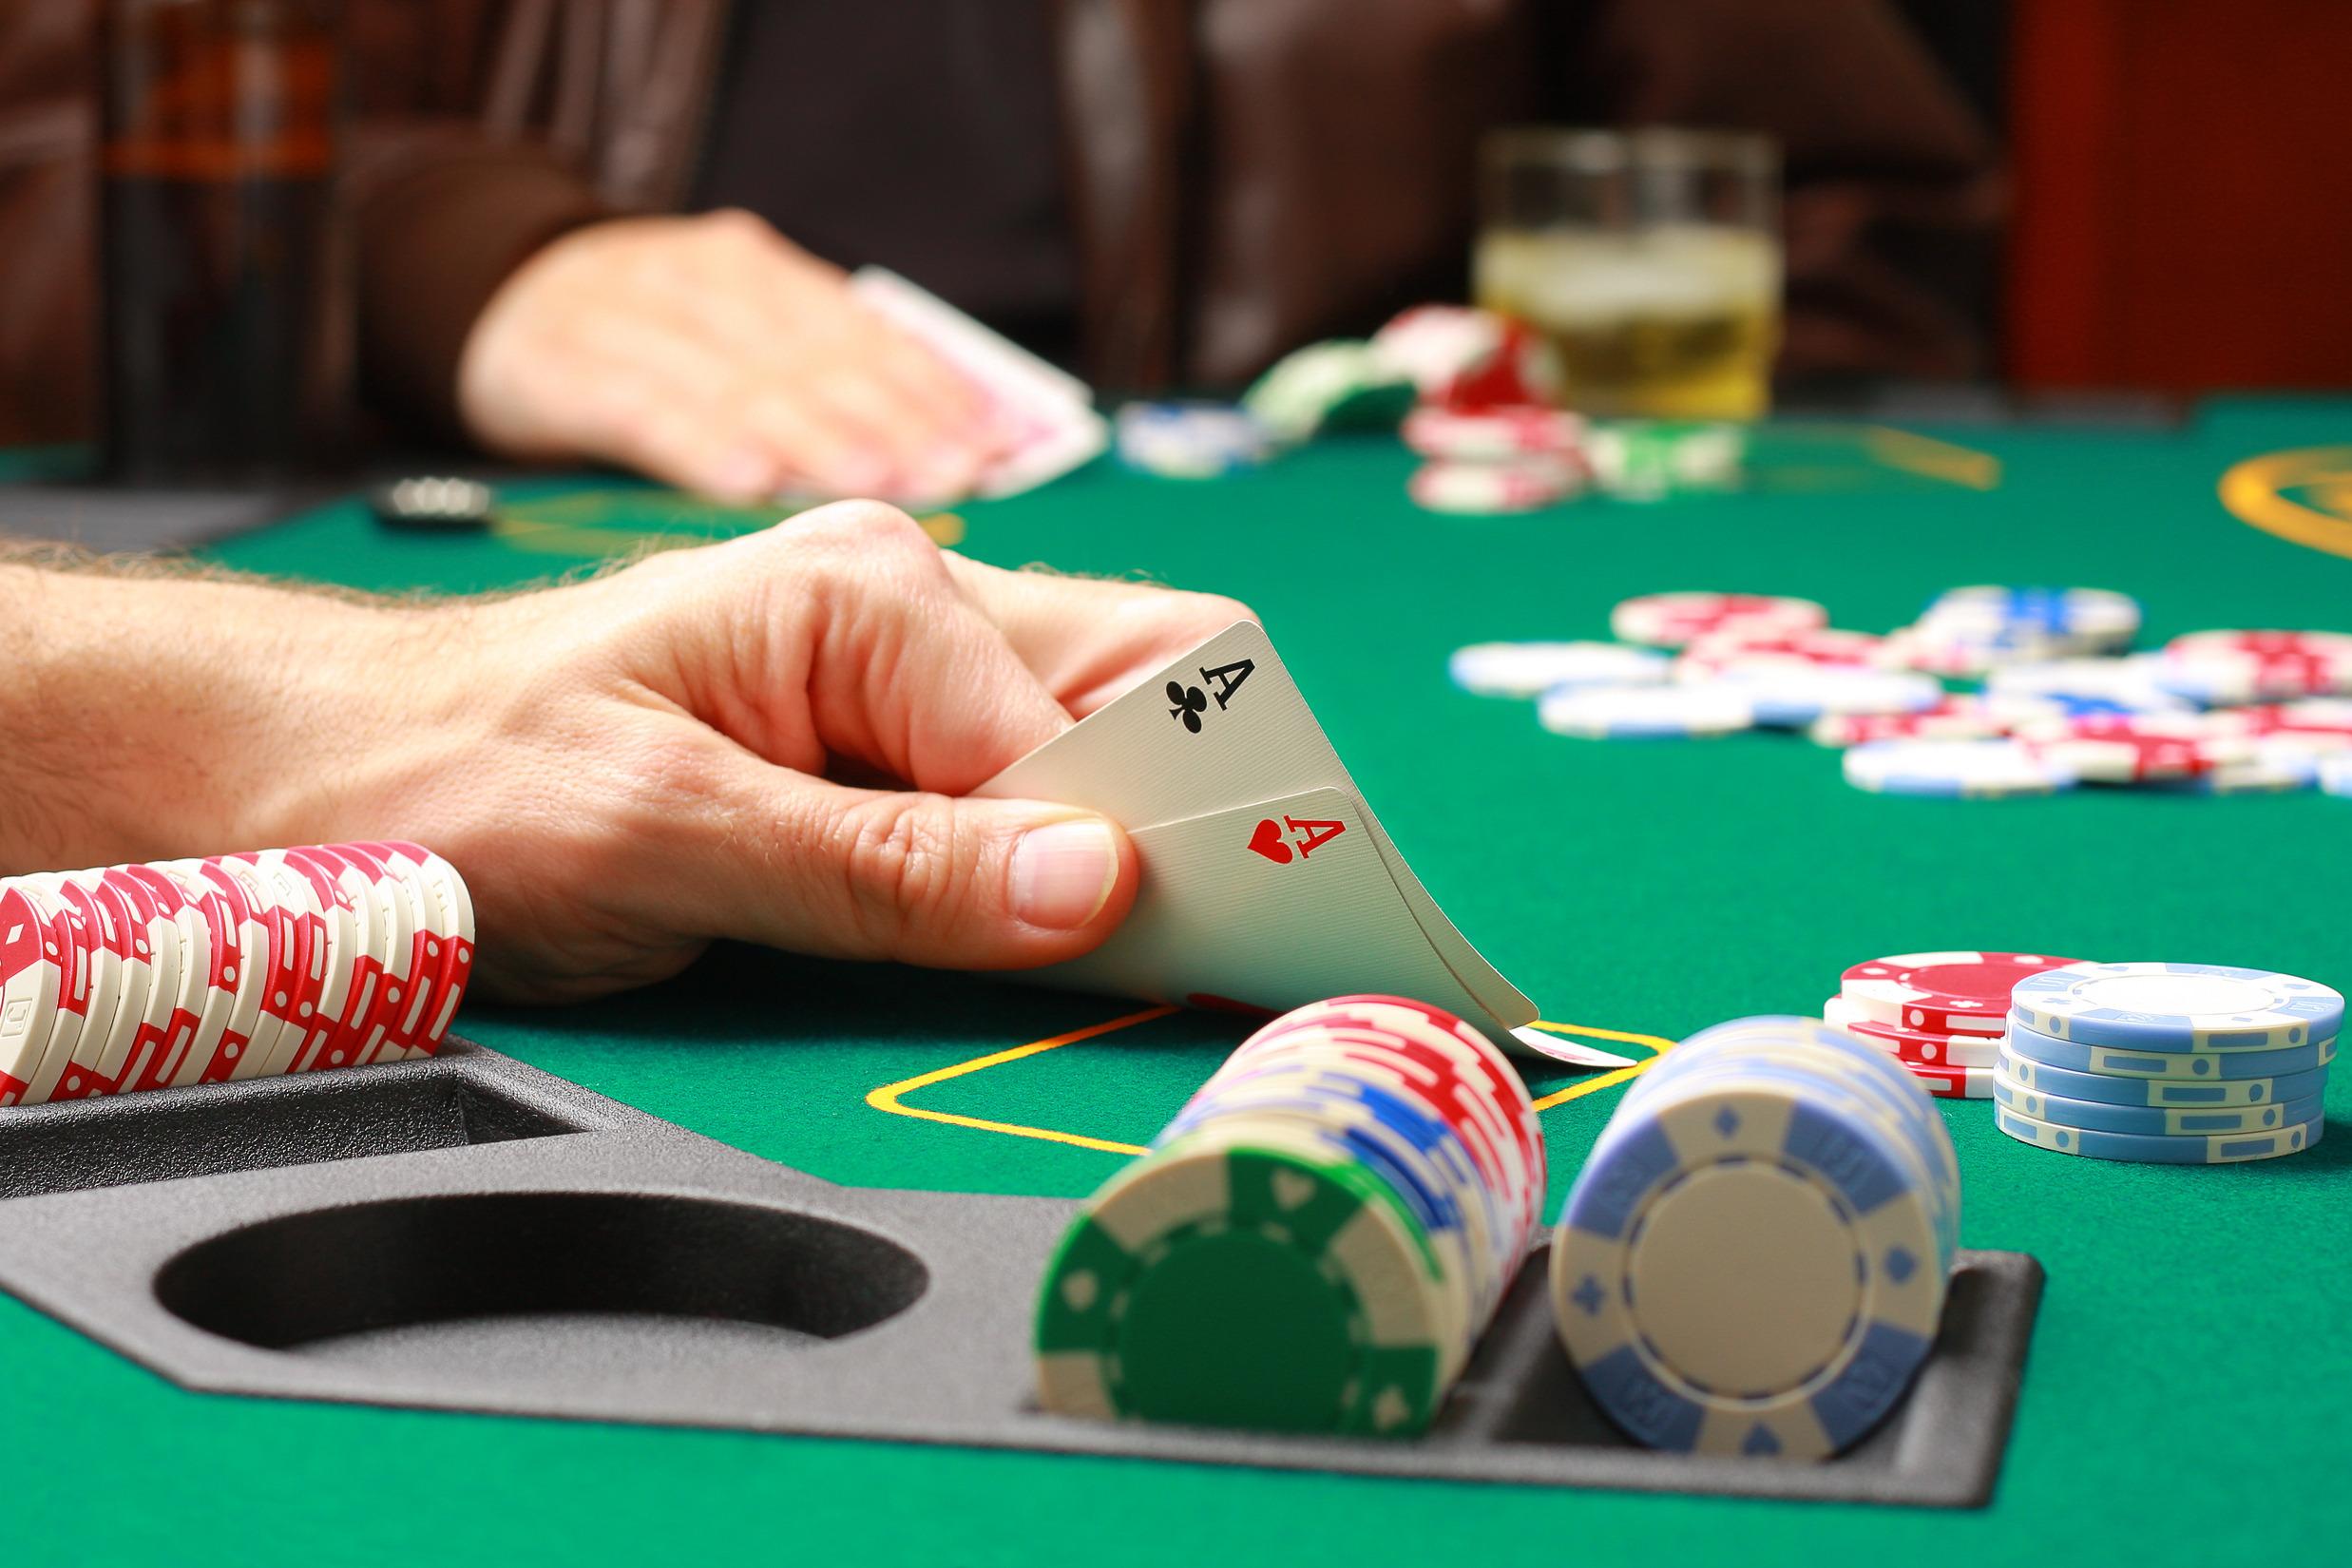 Trei jucatori de poker risca sa ramana pe viata dupa gratii. Secretul pe care au incercat sa il ascunda de politie